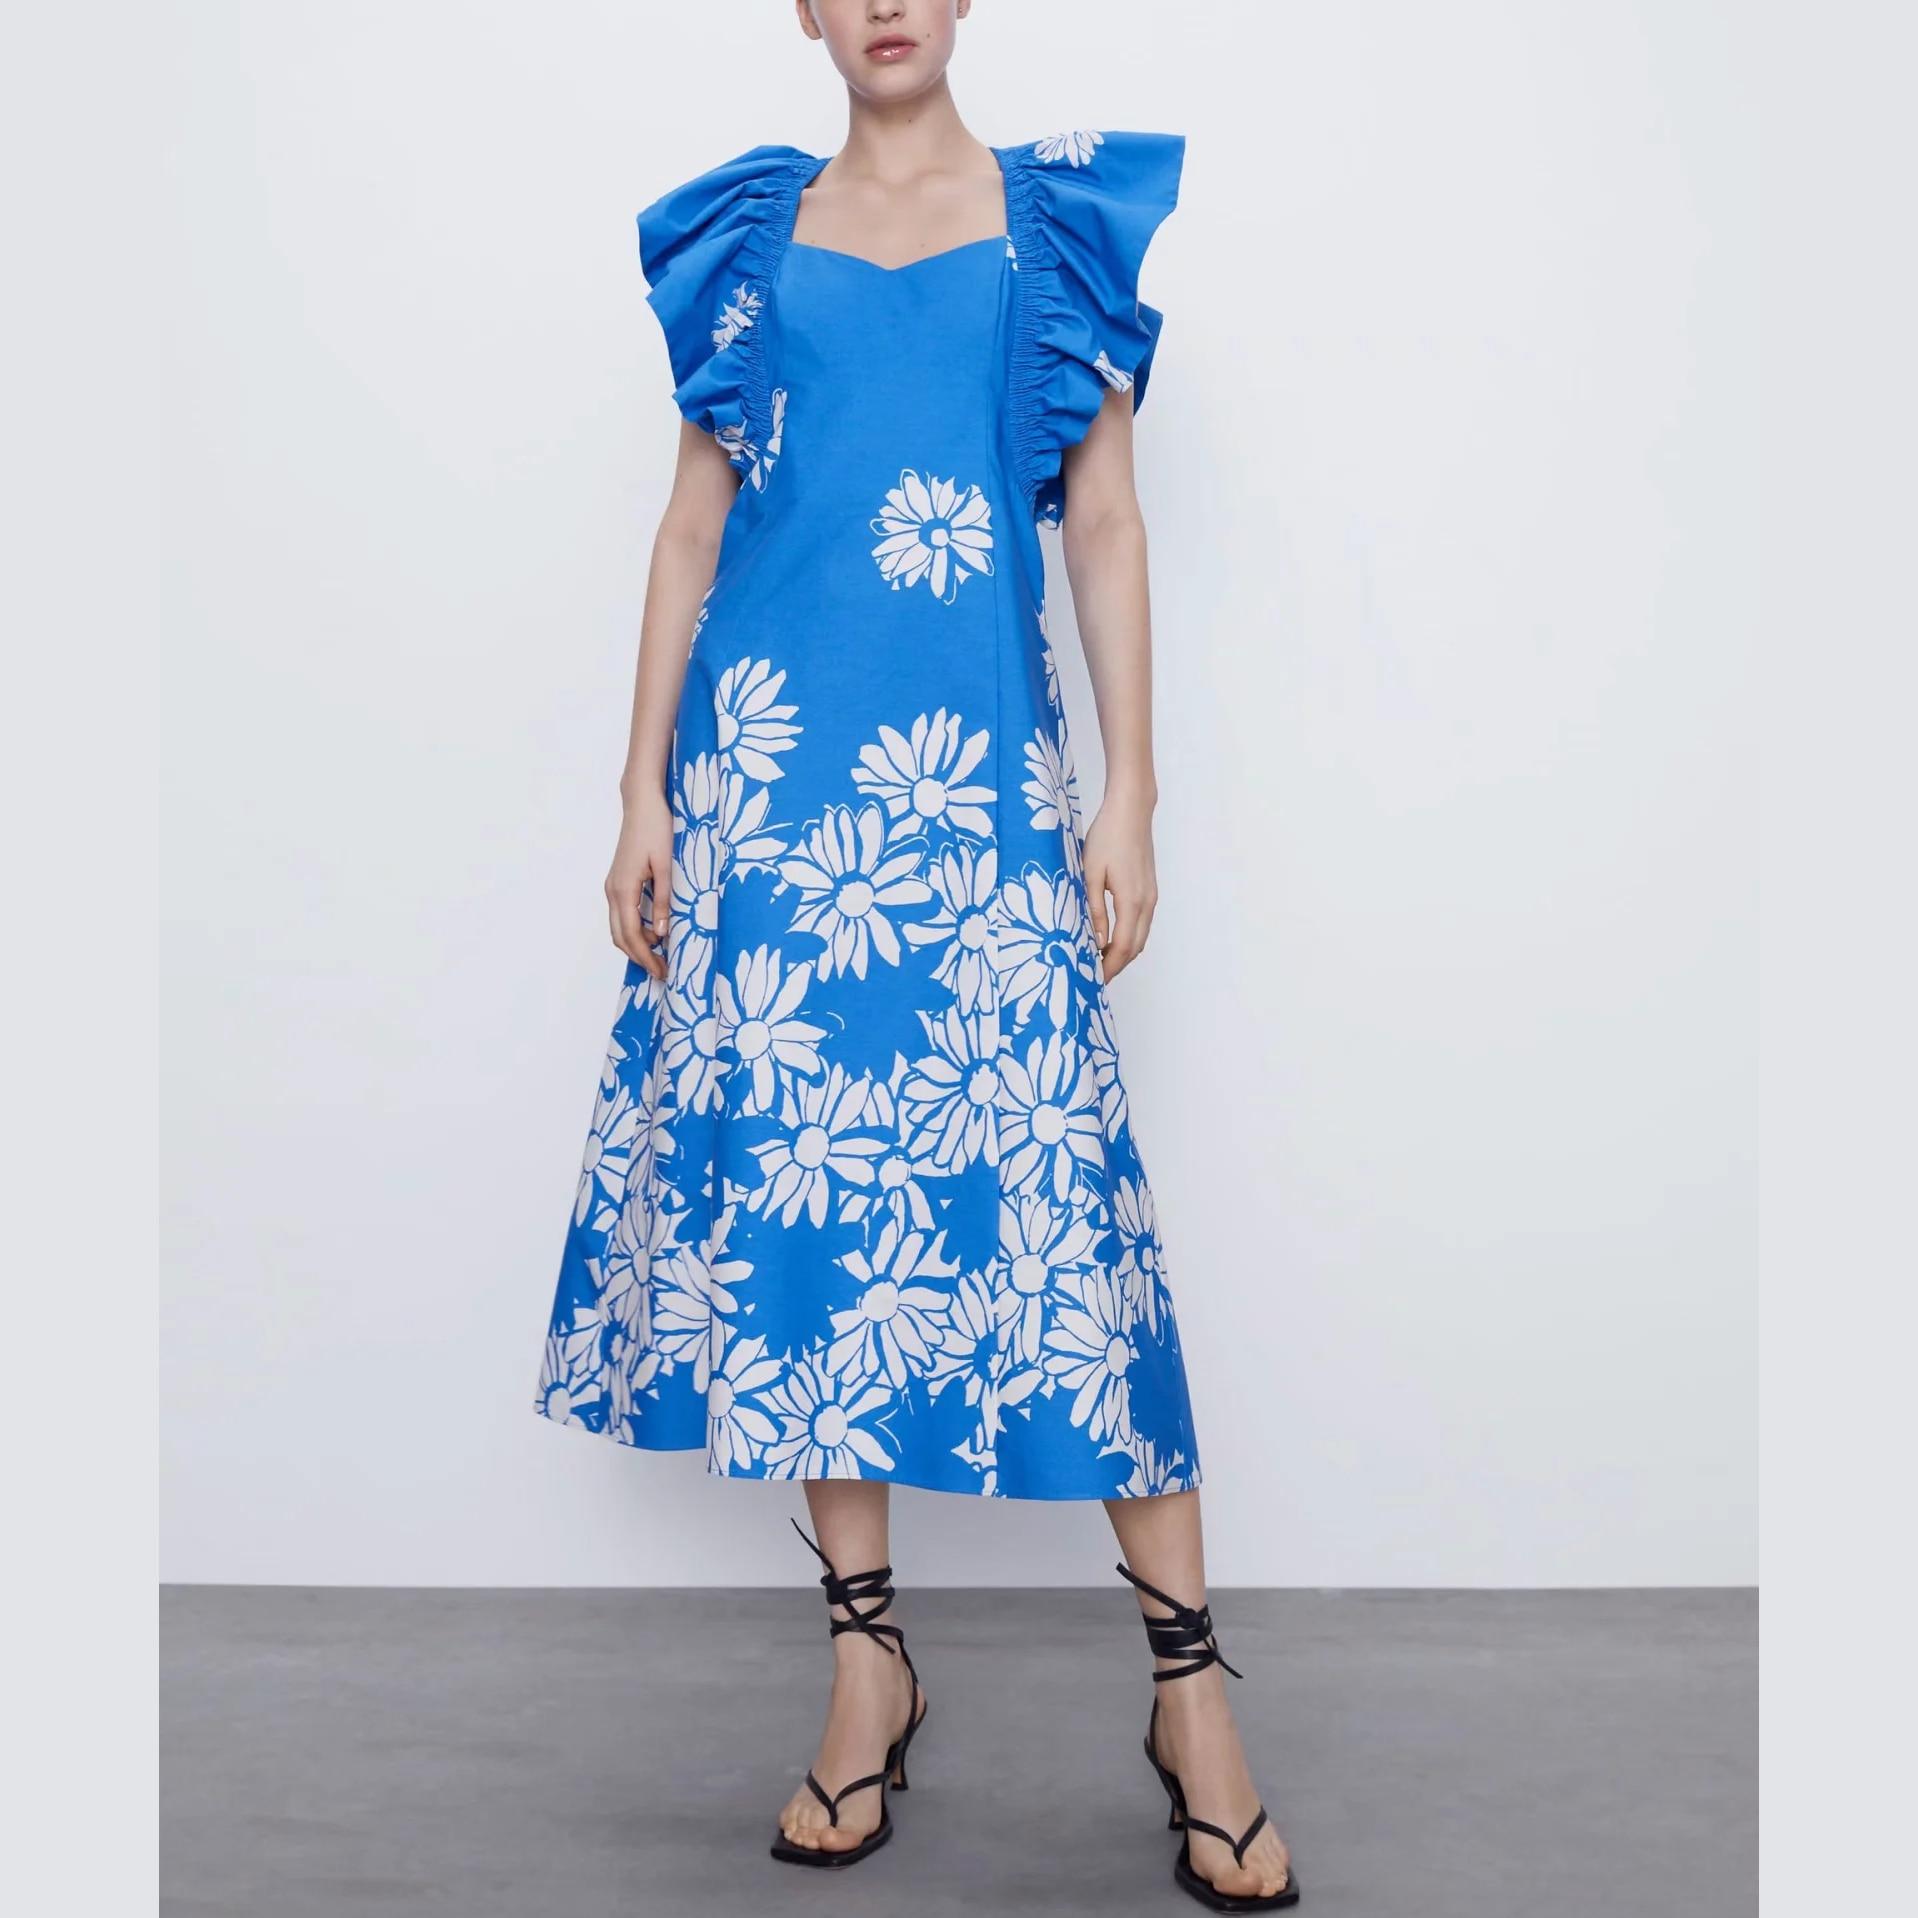 ZA-vestido popelín azul con flores, prenda femenina elegante con estampado floral y hombros descubiertos, estilo casual